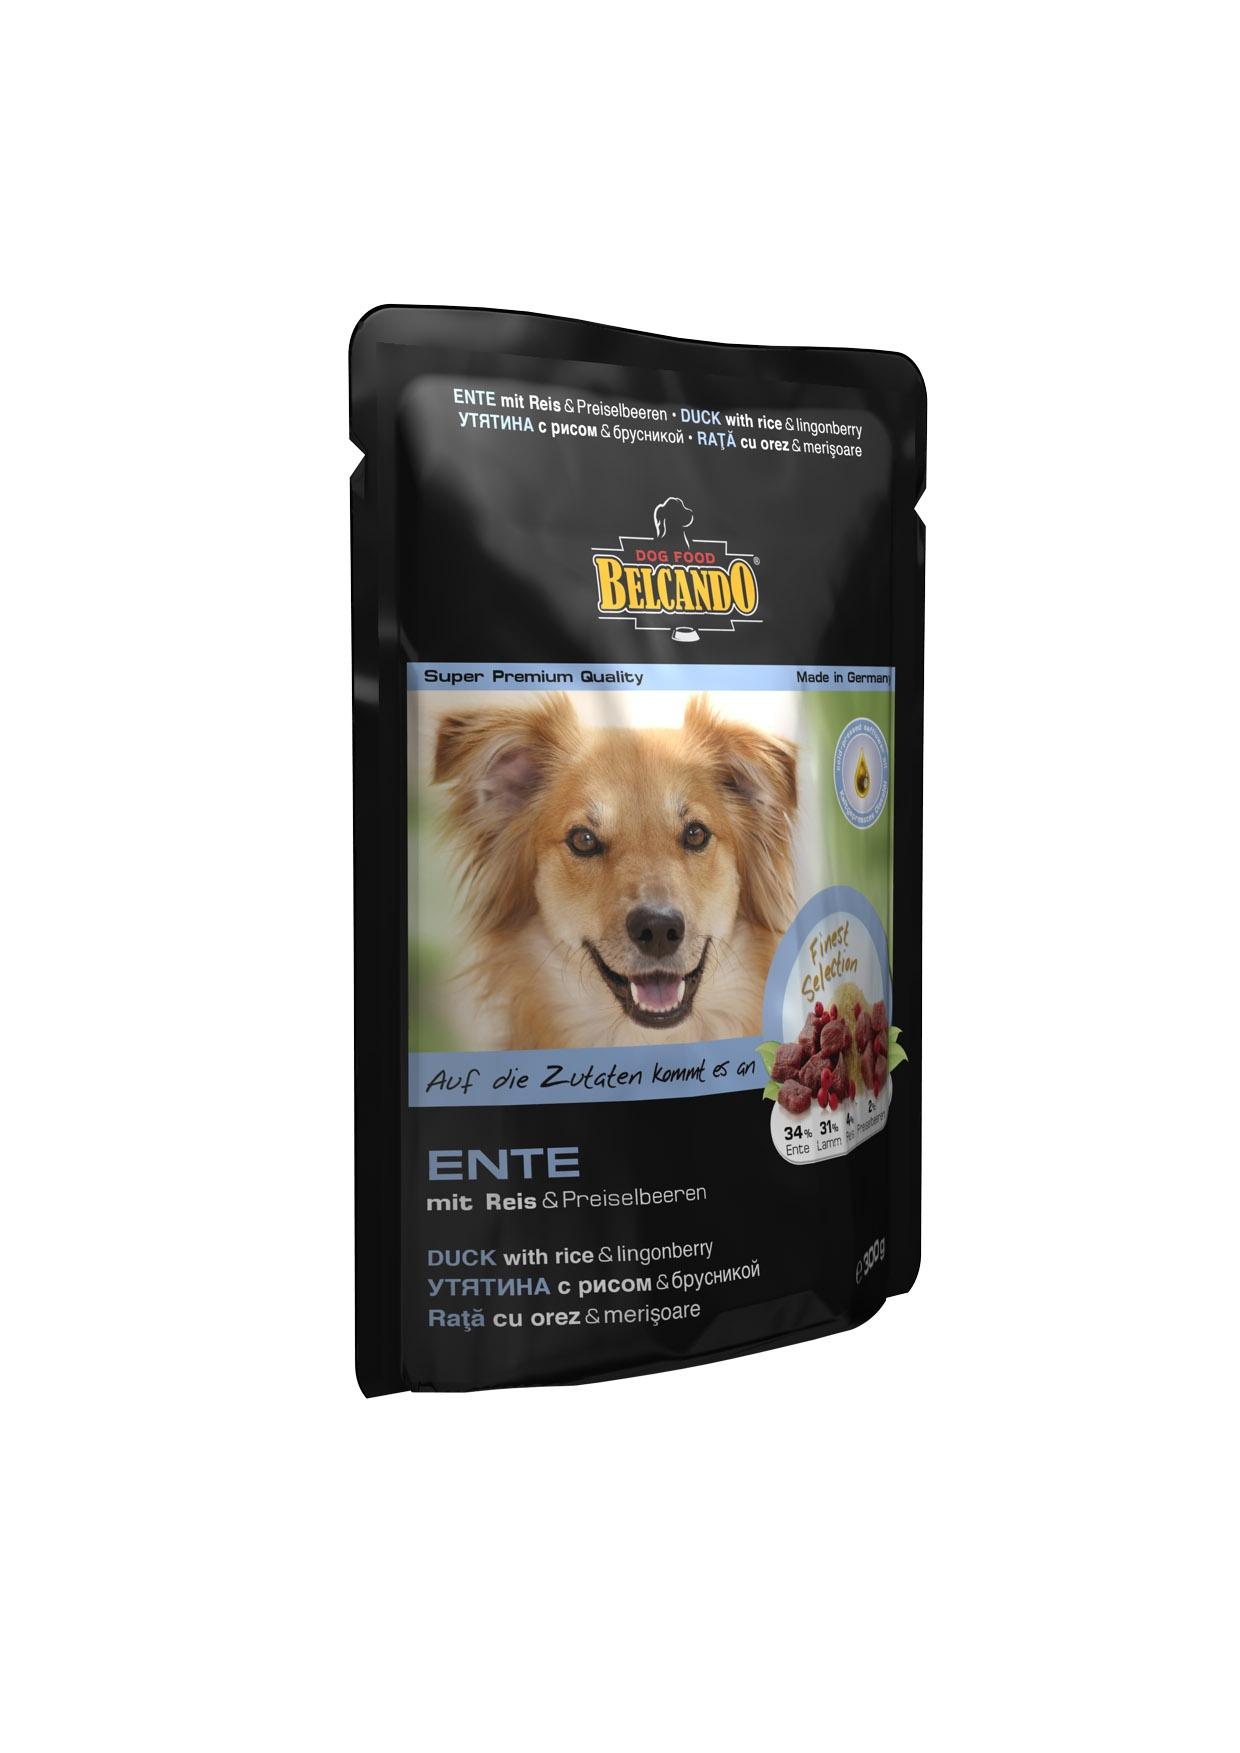 Консервы для собак Belcando, с уткой, рисом и брусникой, 125 г0120710Консервы для собак Belcando - это великолепная рецептура в практичной индивидуальной порции. Корм подходит также для собак, склонных к аллергии.Состав: сердце утки, печень (34%), мясо ягненка, печень, легкие, сердце, рубец (31%), бульон из ягненка и утки (28%), рис (4%), брусника (4%), масло чертополоха (0,5%), карбонат кальция (0,5%). Содержание: протеин 10,8%, жир 6,4%, клетчатка 0,3%, зола 2%, влажность 76%.Добавки на кг: витамин А 3,000 МЕ, витамин Е 30 мг, марганец 3 мг, цинк 15 мг, йод 0,75 мг, селен 0,03 мг.Товар сертифицирован.